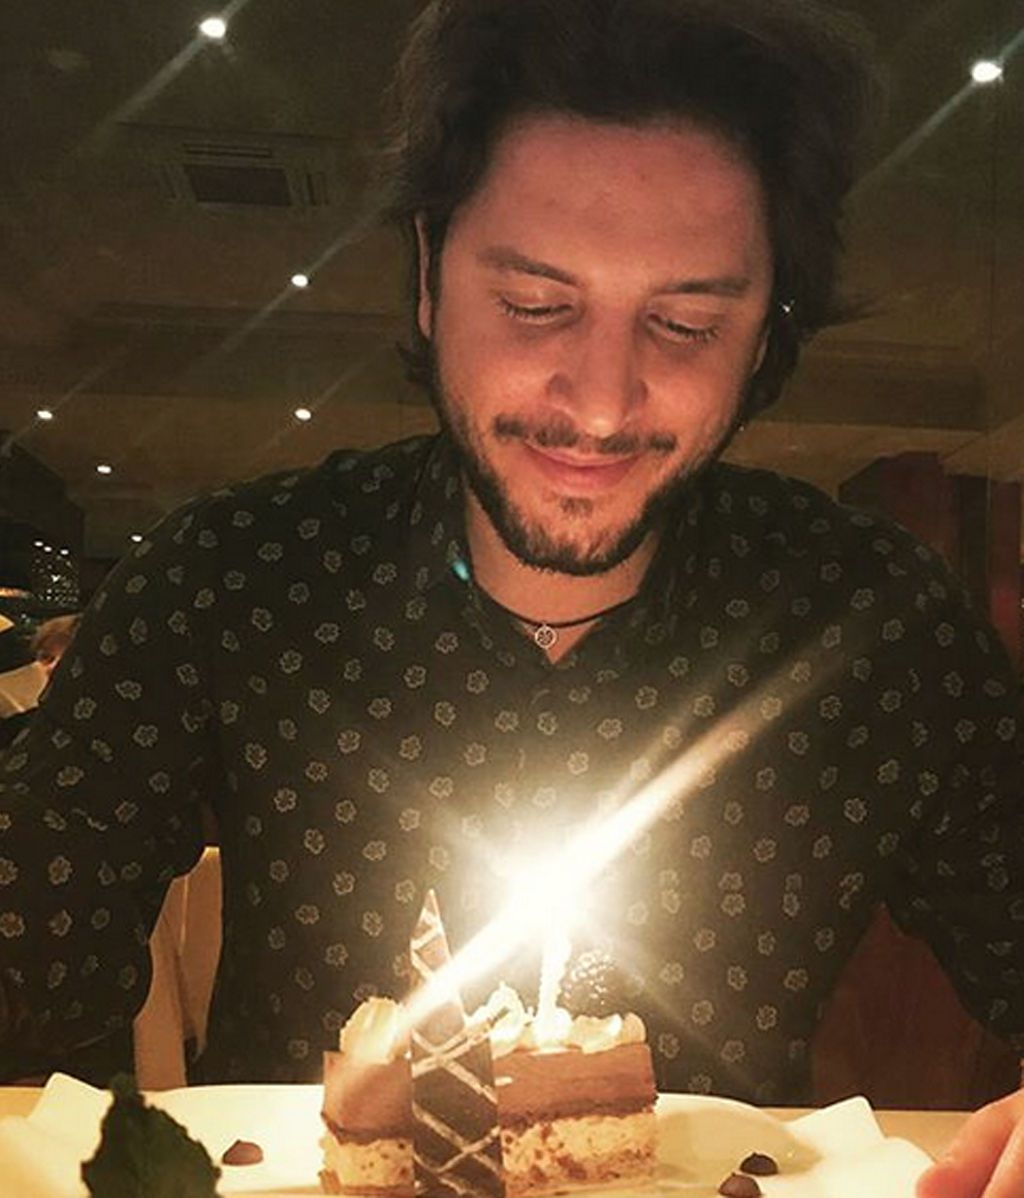 Manuel Carrasco celebra acompañado su cumpleaños más romántico en París